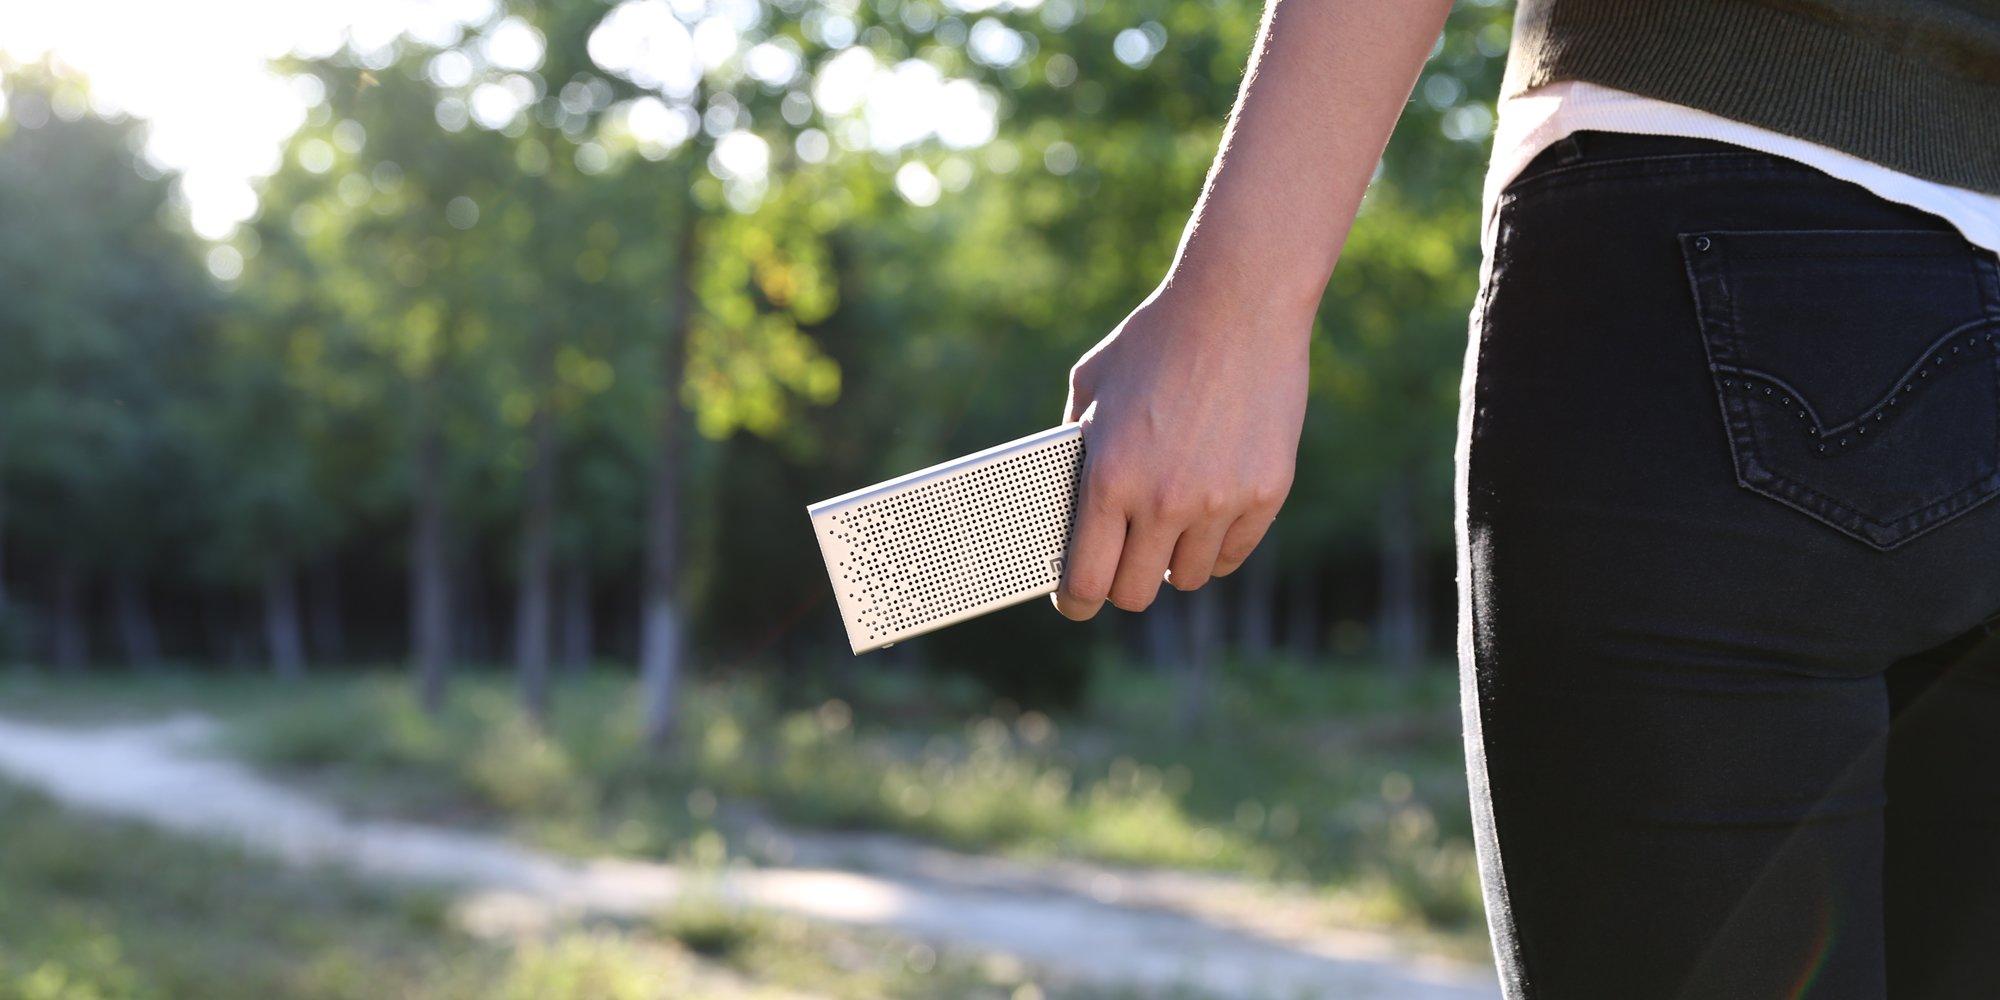 Szukasz dobrego i taniego głośnika? Xiaomi Mi Bluetooth Speaker w poniedziałek kupisz za 119 złotych 27